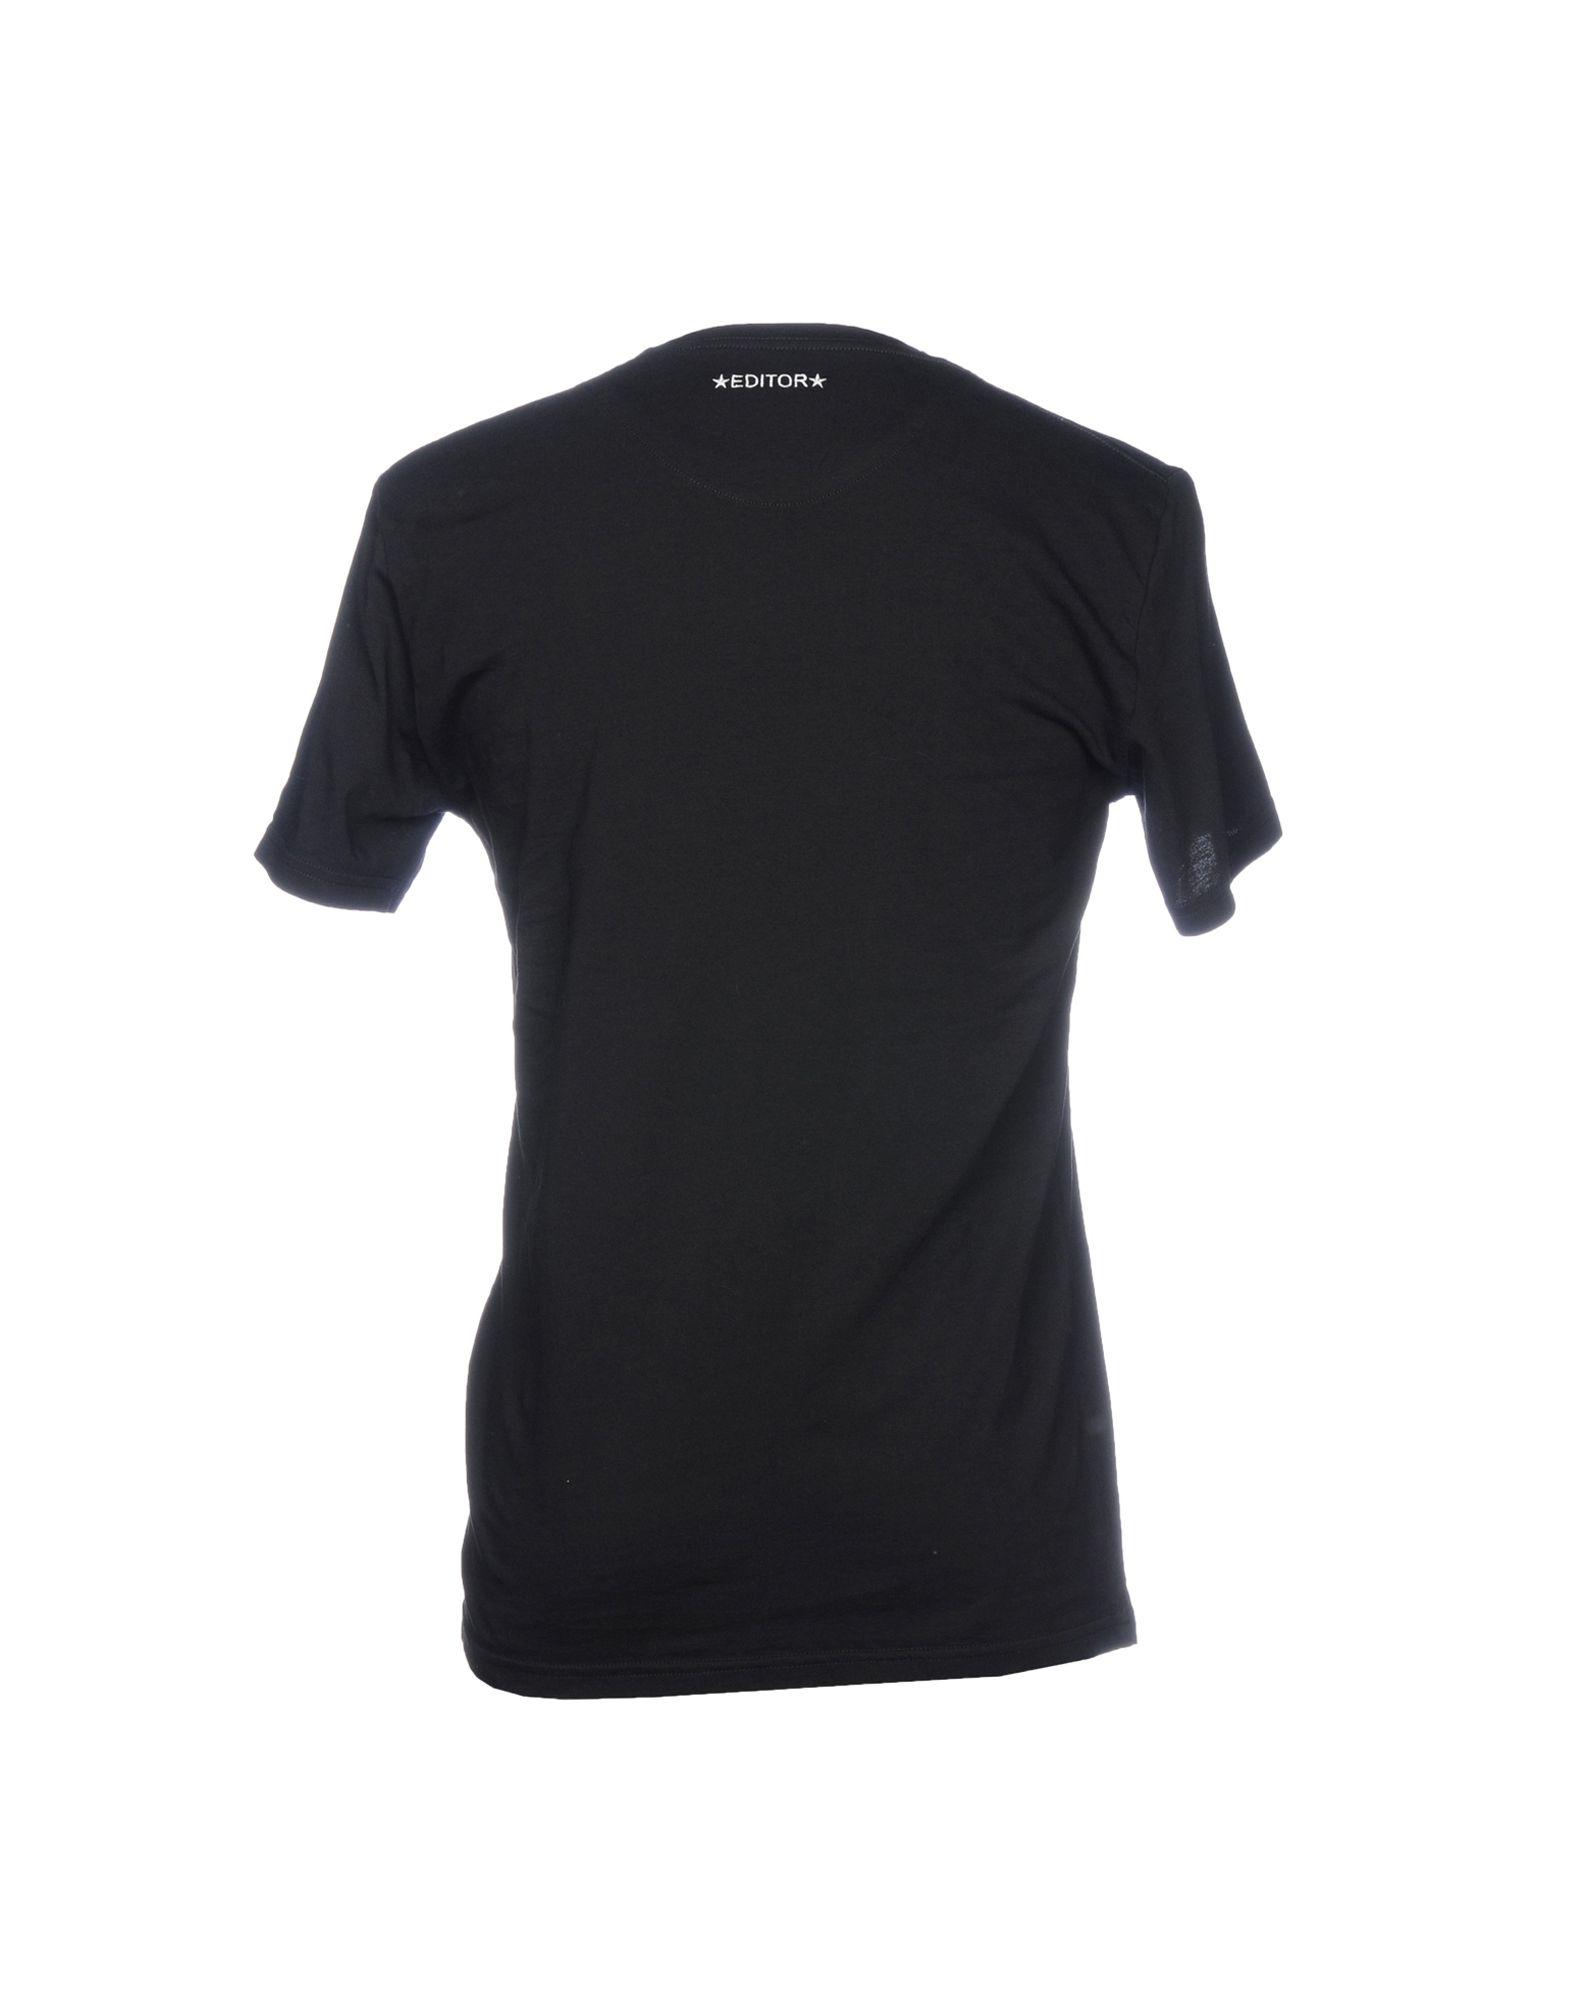 T-Shirt The Editor Uomo Uomo Uomo - 12195266BE 0c4445